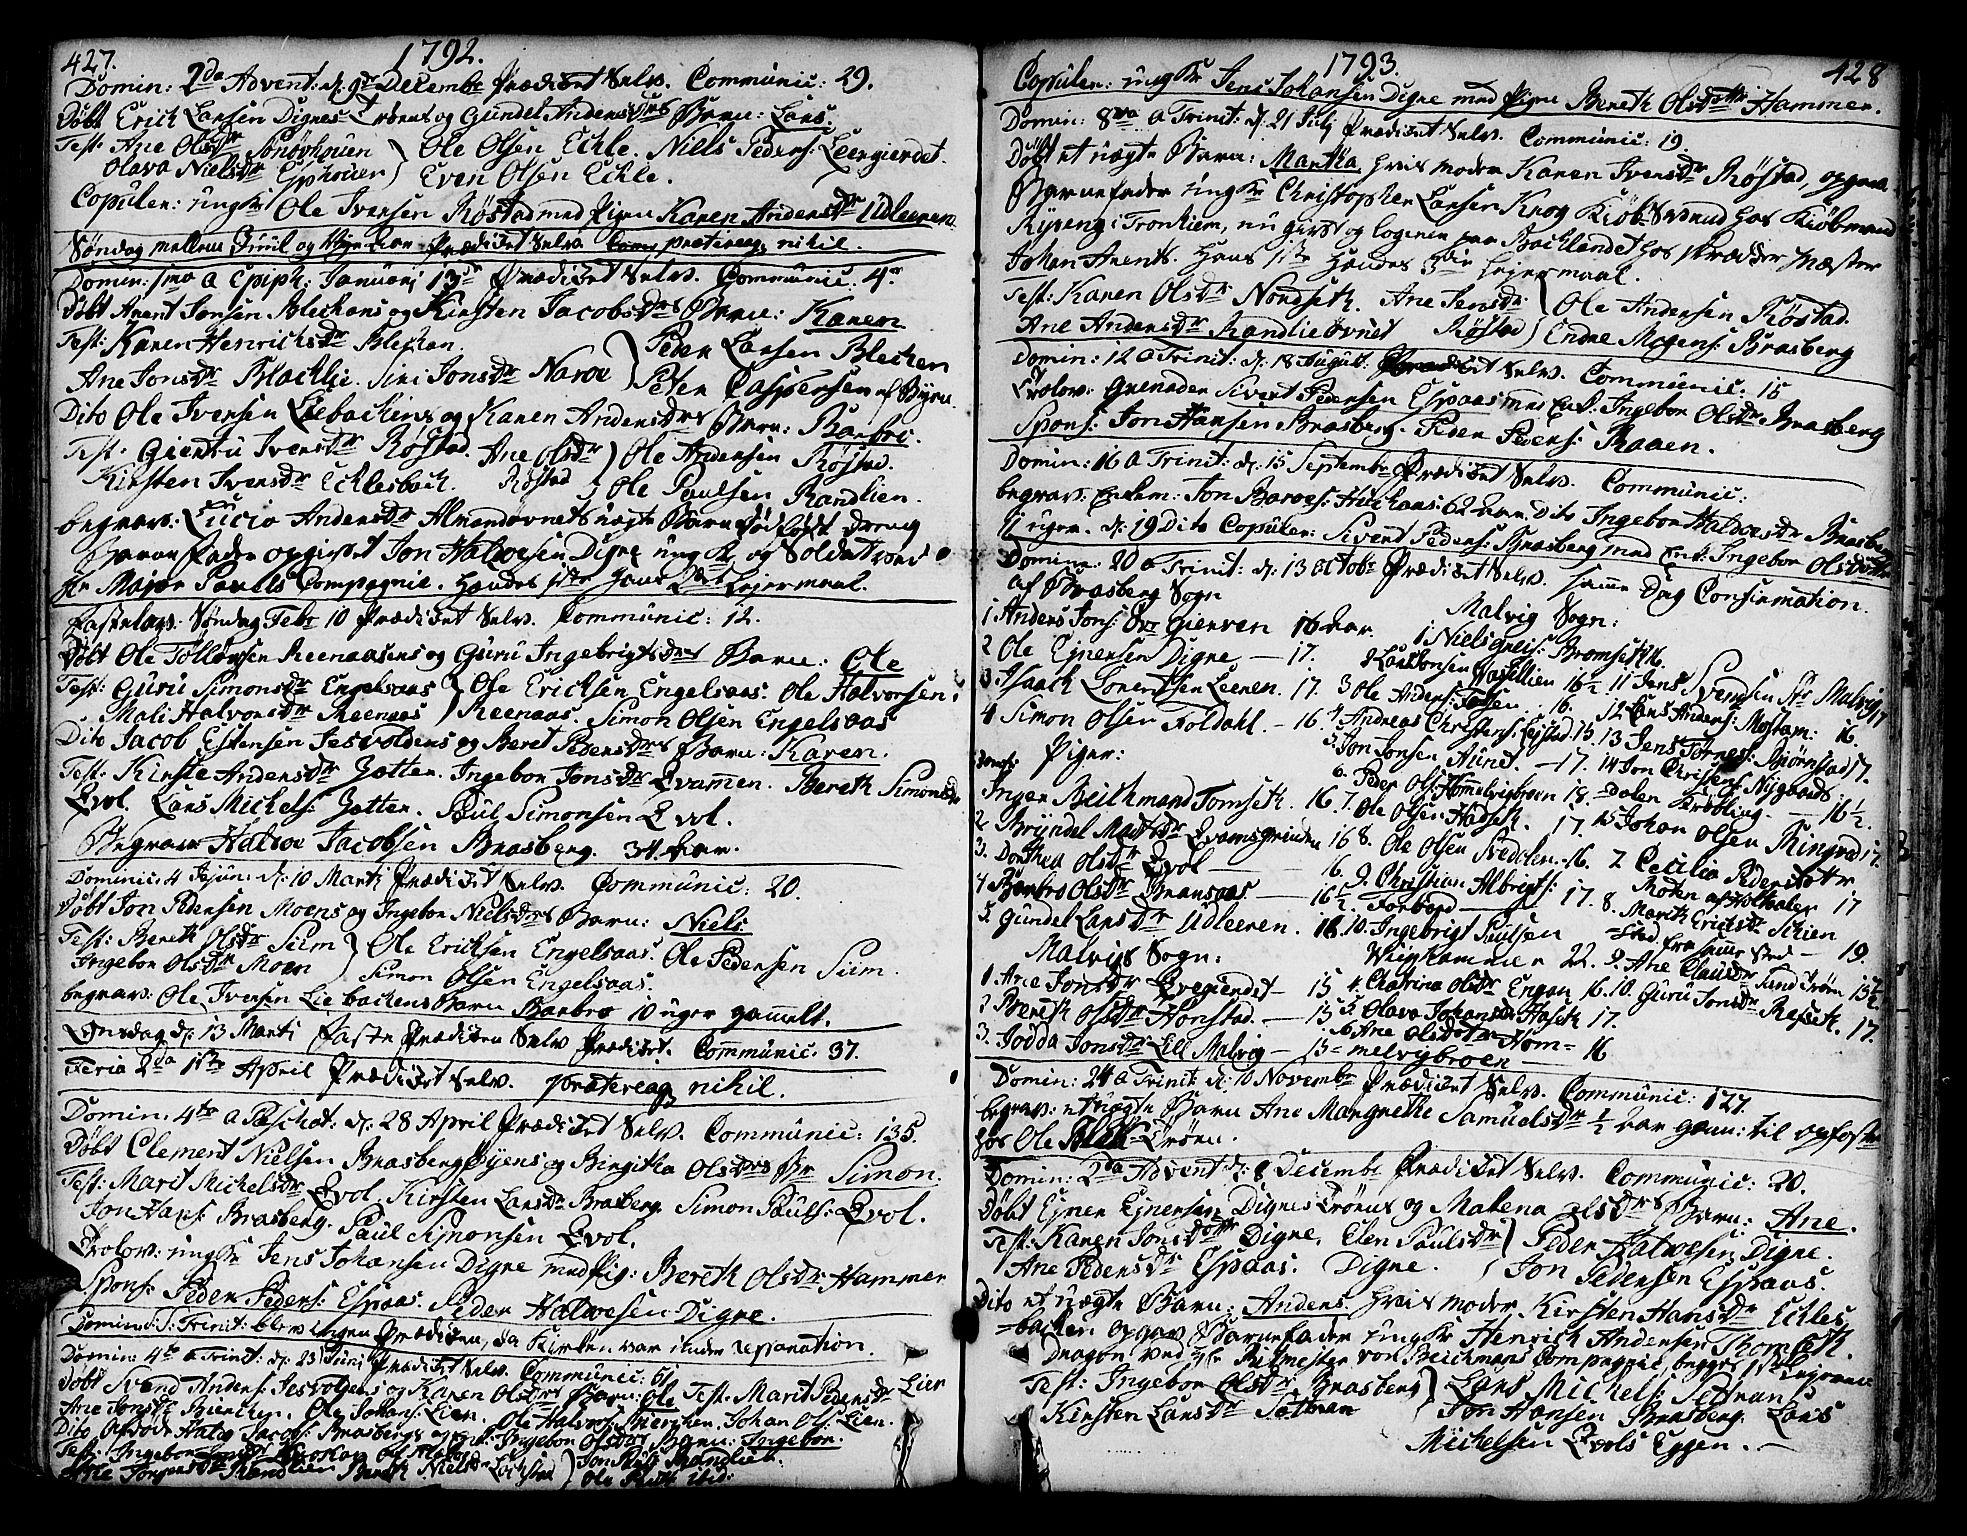 SAT, Ministerialprotokoller, klokkerbøker og fødselsregistre - Sør-Trøndelag, 606/L0282: Ministerialbok nr. 606A02 /3, 1781-1817, s. 427-428